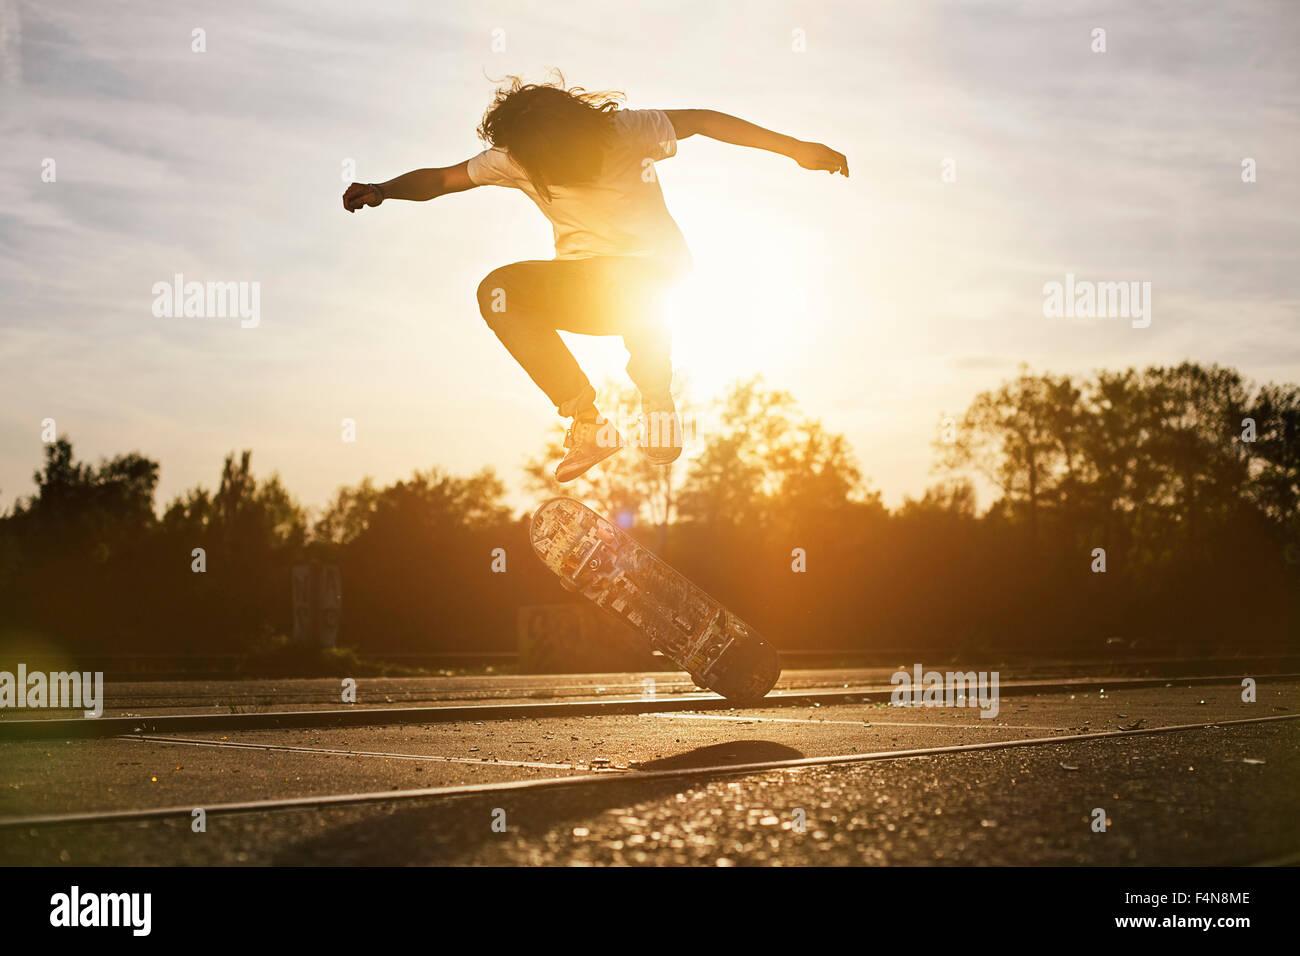 Junger Mann auf Skateboard bei Gegenlicht Stockbild